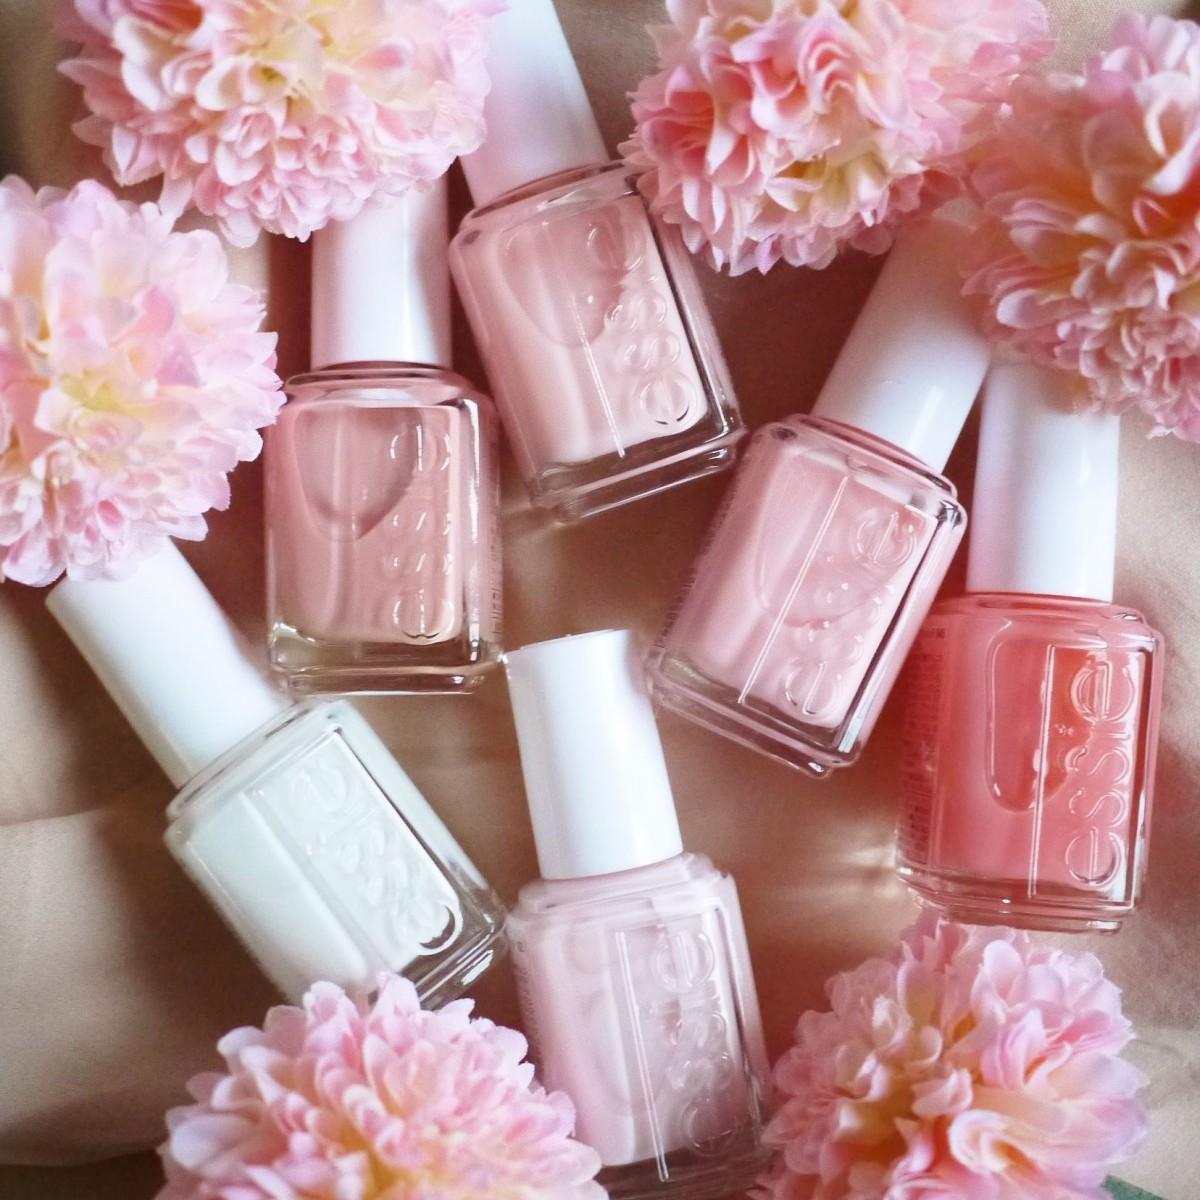 【3/11発売】オフィスにもデートにも♡エッシーのピンクコレクションが可愛すぎ!